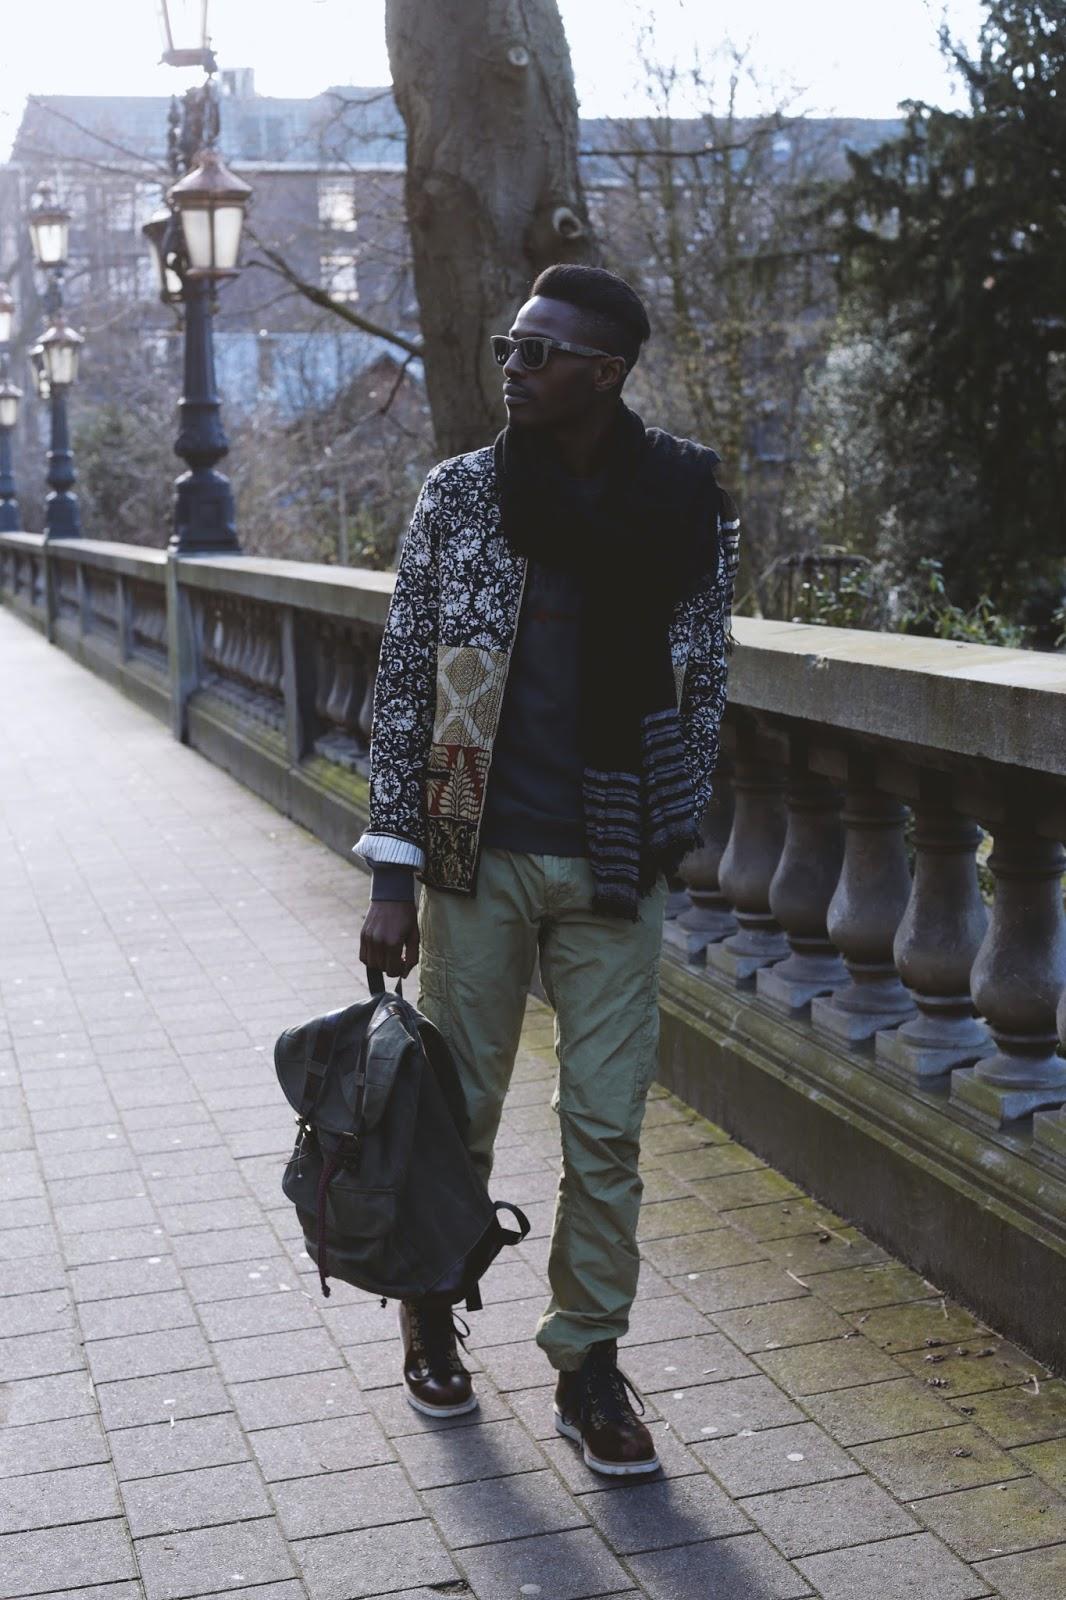 Soulful walking in Antwerp streets - part 1 // Wearing WALLDOG sweater + scotch & soda gear + timberland boots